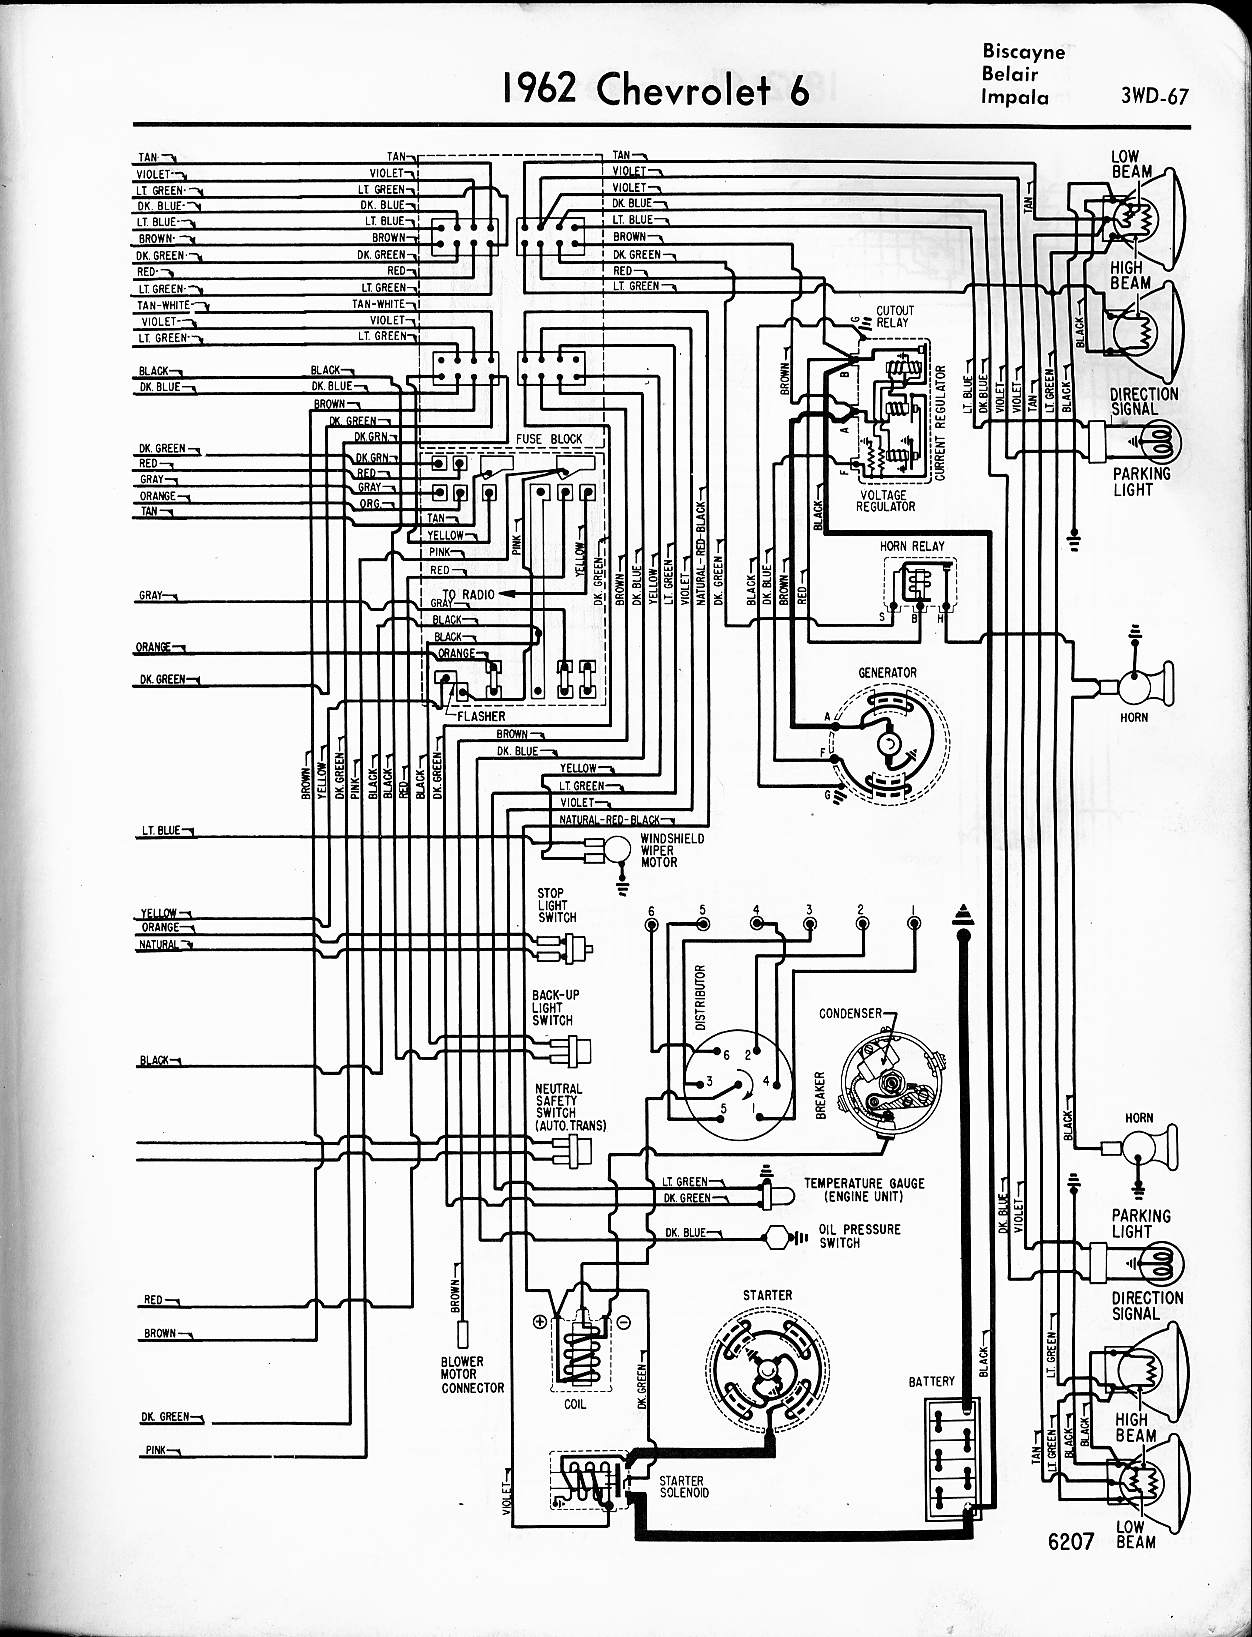 ST_2791] 1964 Impala Fuse Panel Diagram Wiring DiagramDenli Kweca Benkeme Mohammedshrine Librar Wiring 101